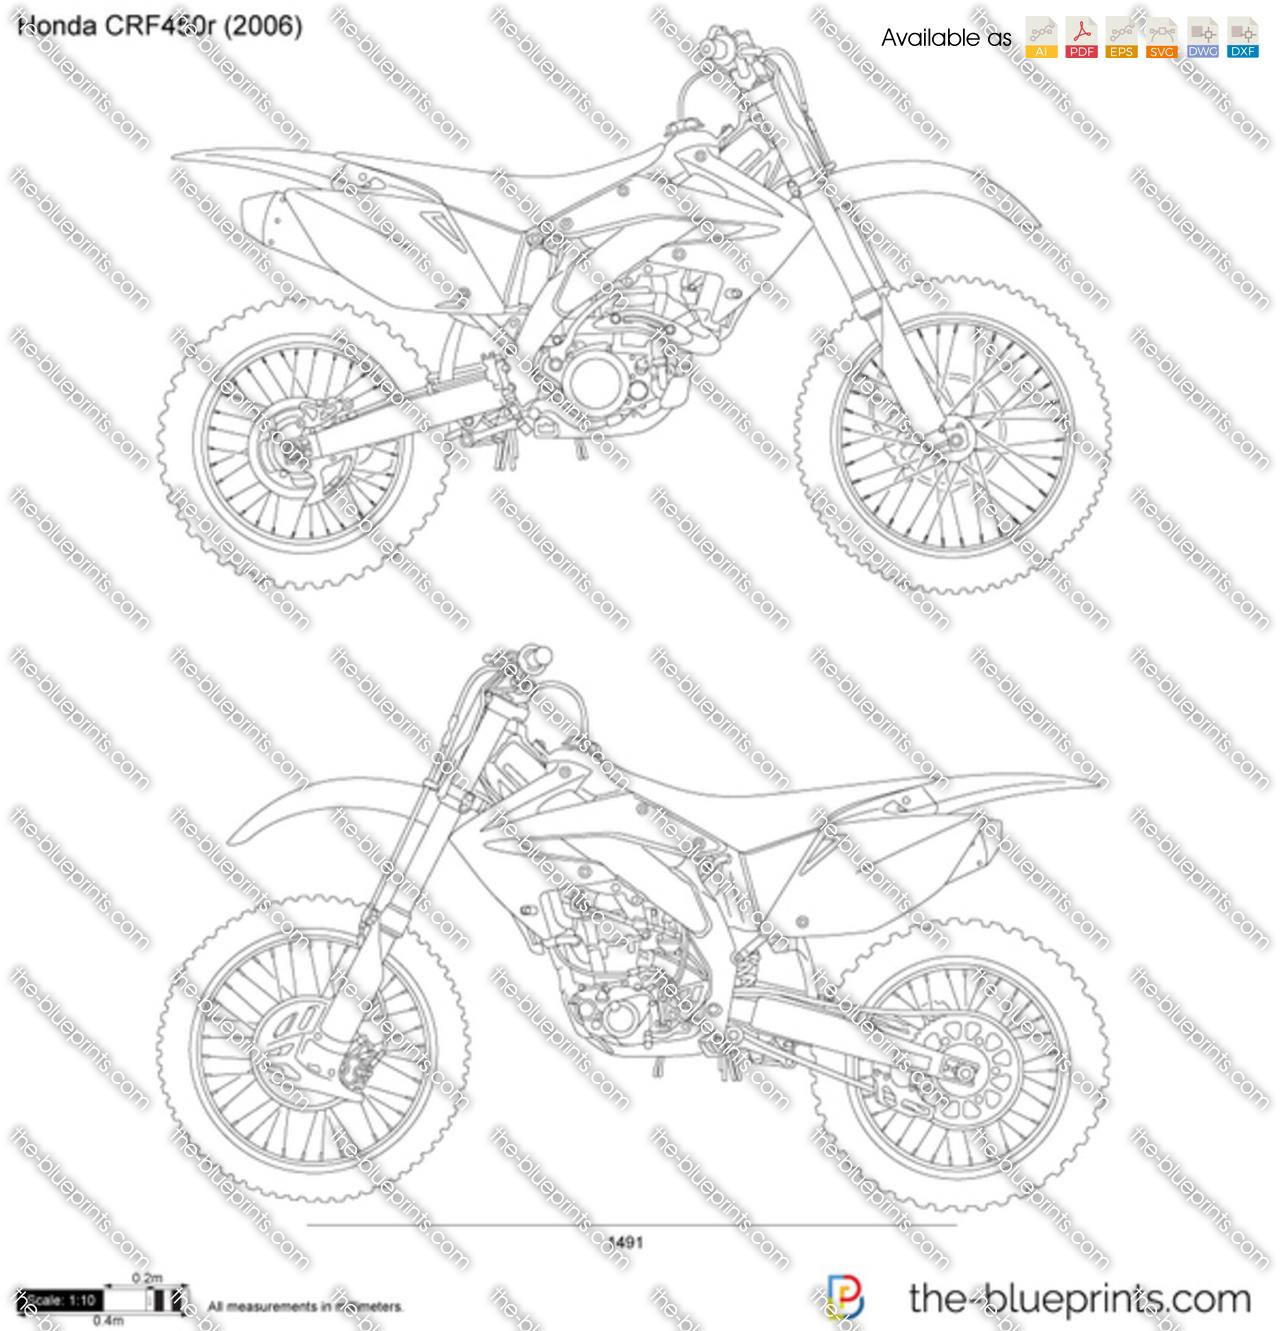 Honda CRF450r vector drawing